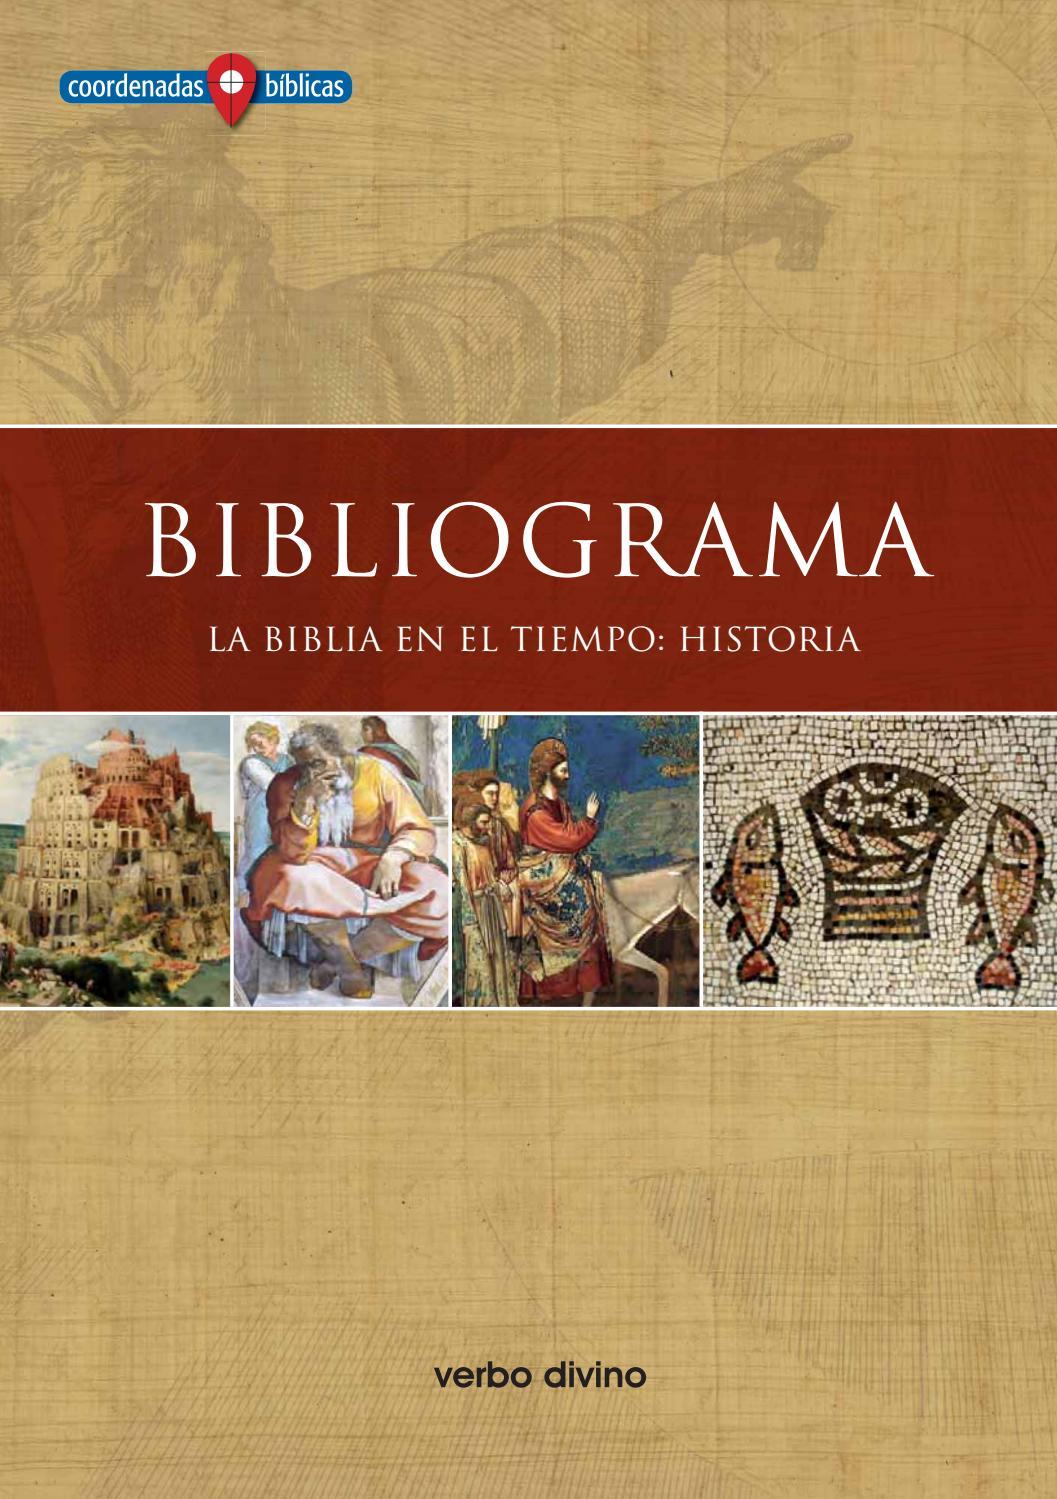 Antiguo Testamento: Bibliograma by Sociedad Bíblica